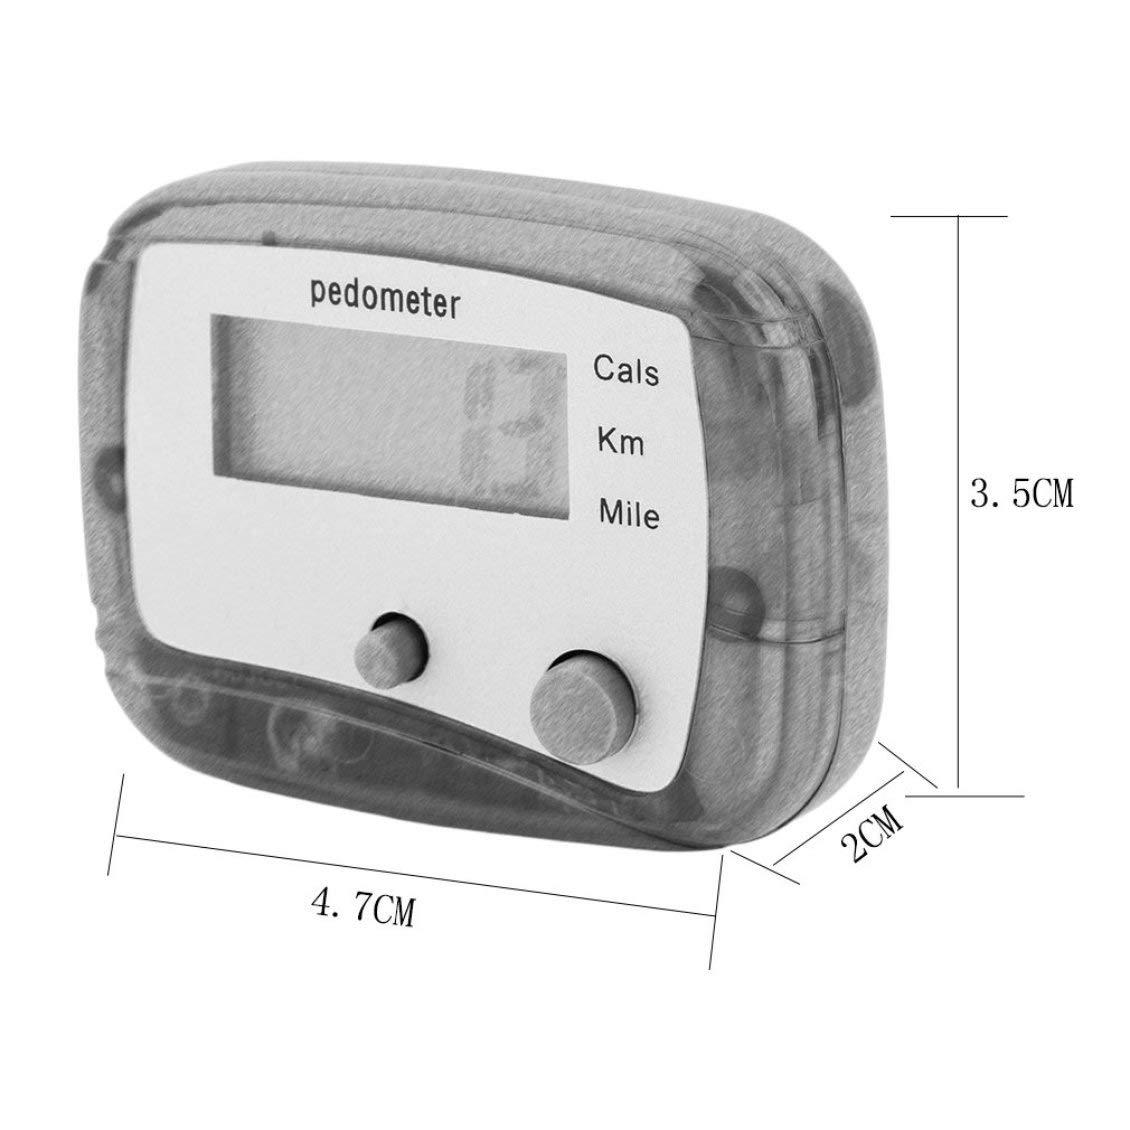 Pgige Leichter G/ürtelclip f/ür einfache Handhabung Mini-Digital-LCD-Schrittschritt-Schrittz/ähler zu Fu/ß Entfernungsmesser ABS bis zu 99999 Schritte